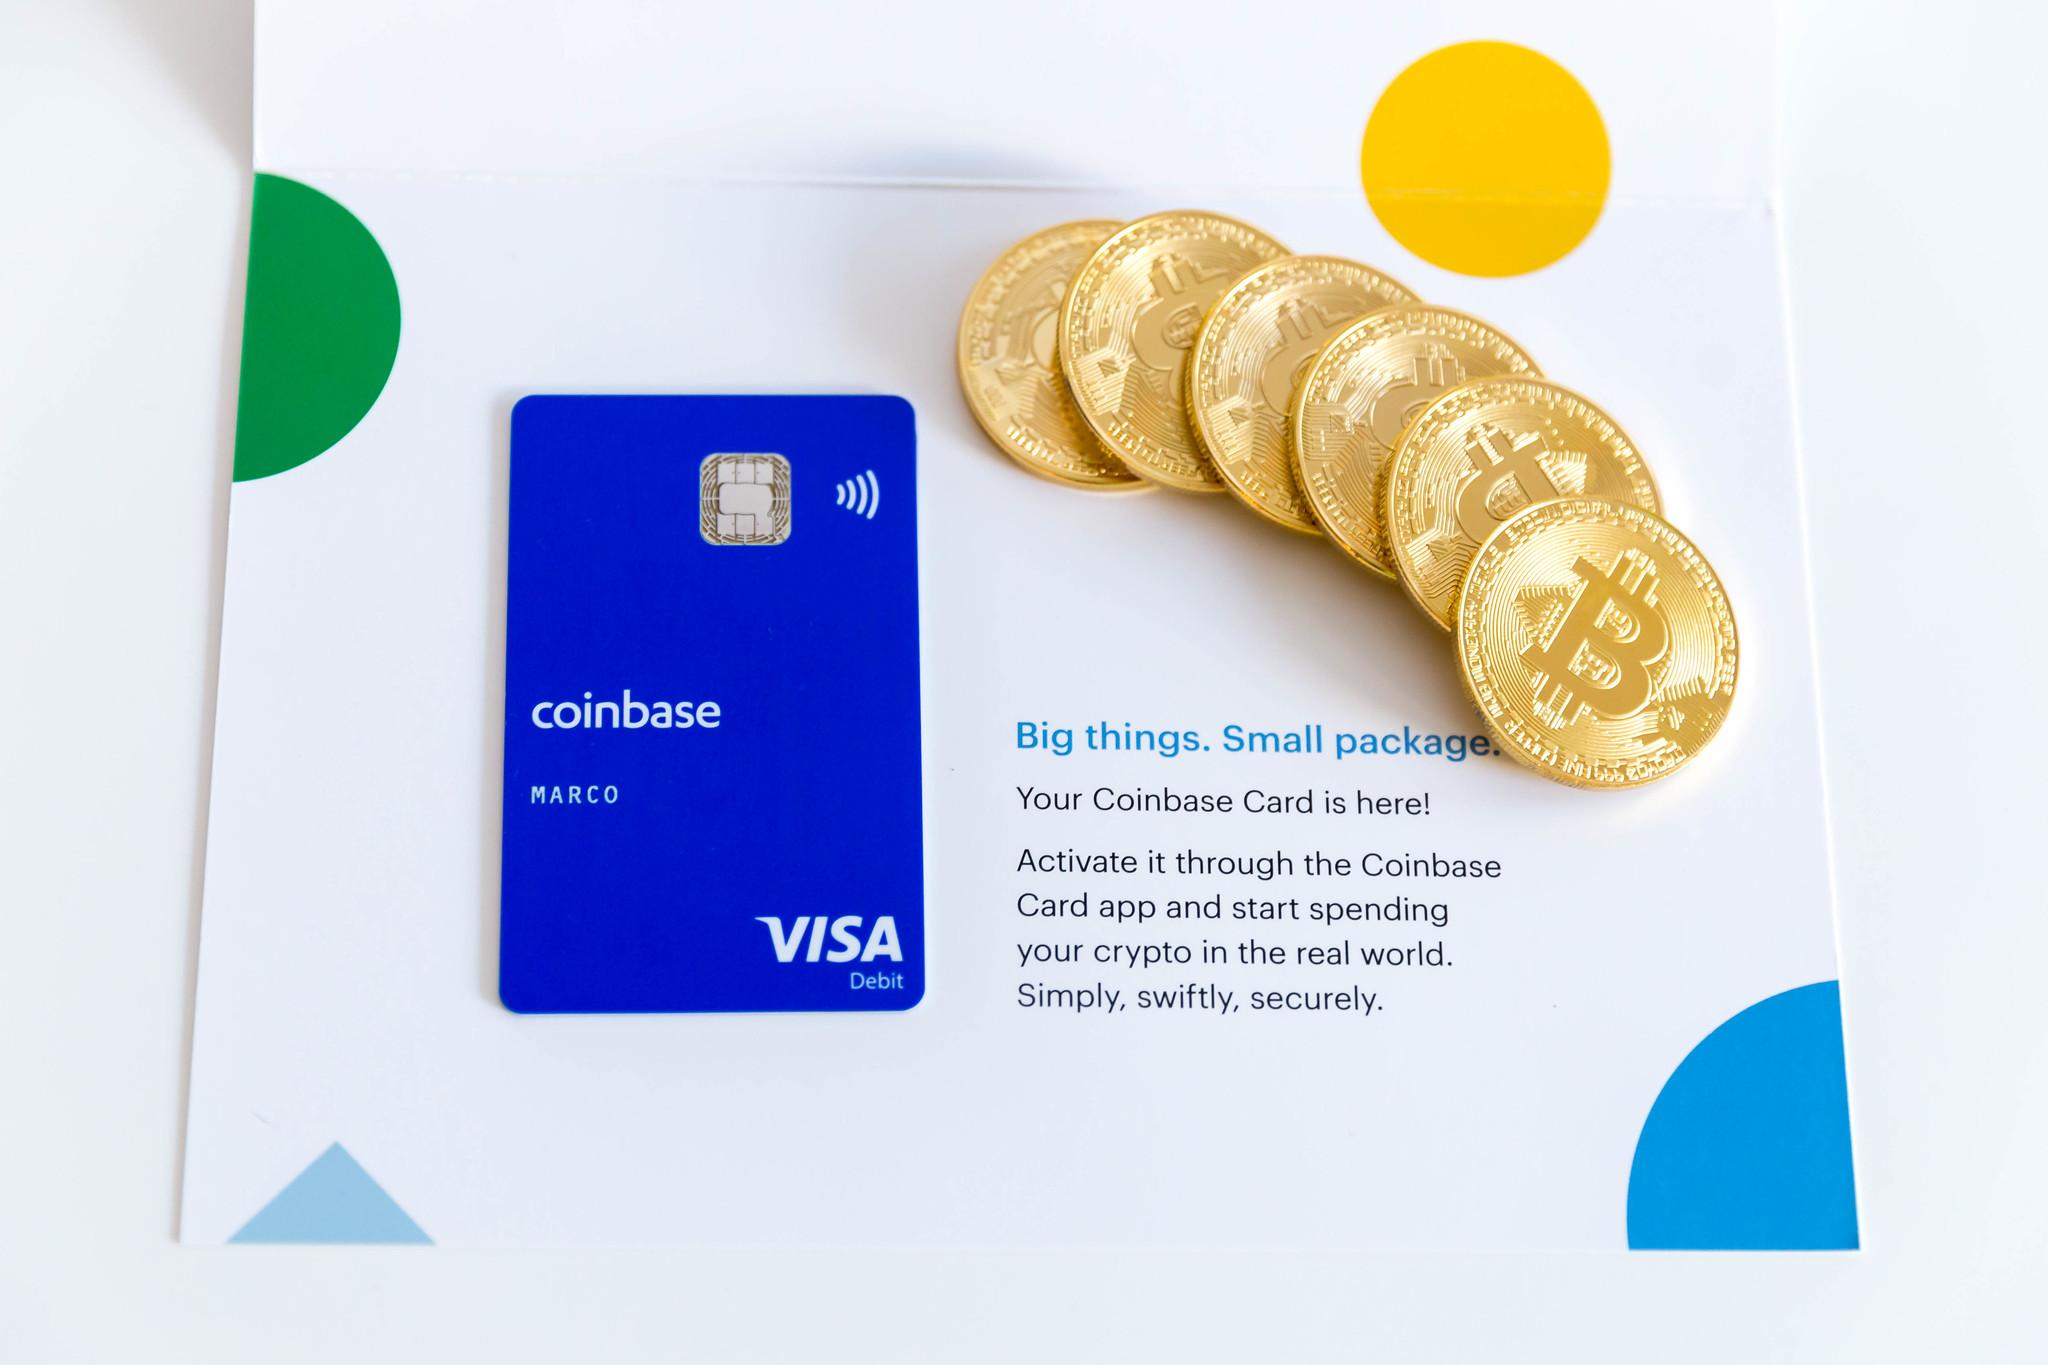 Bitcoin kredittkort Coinbase